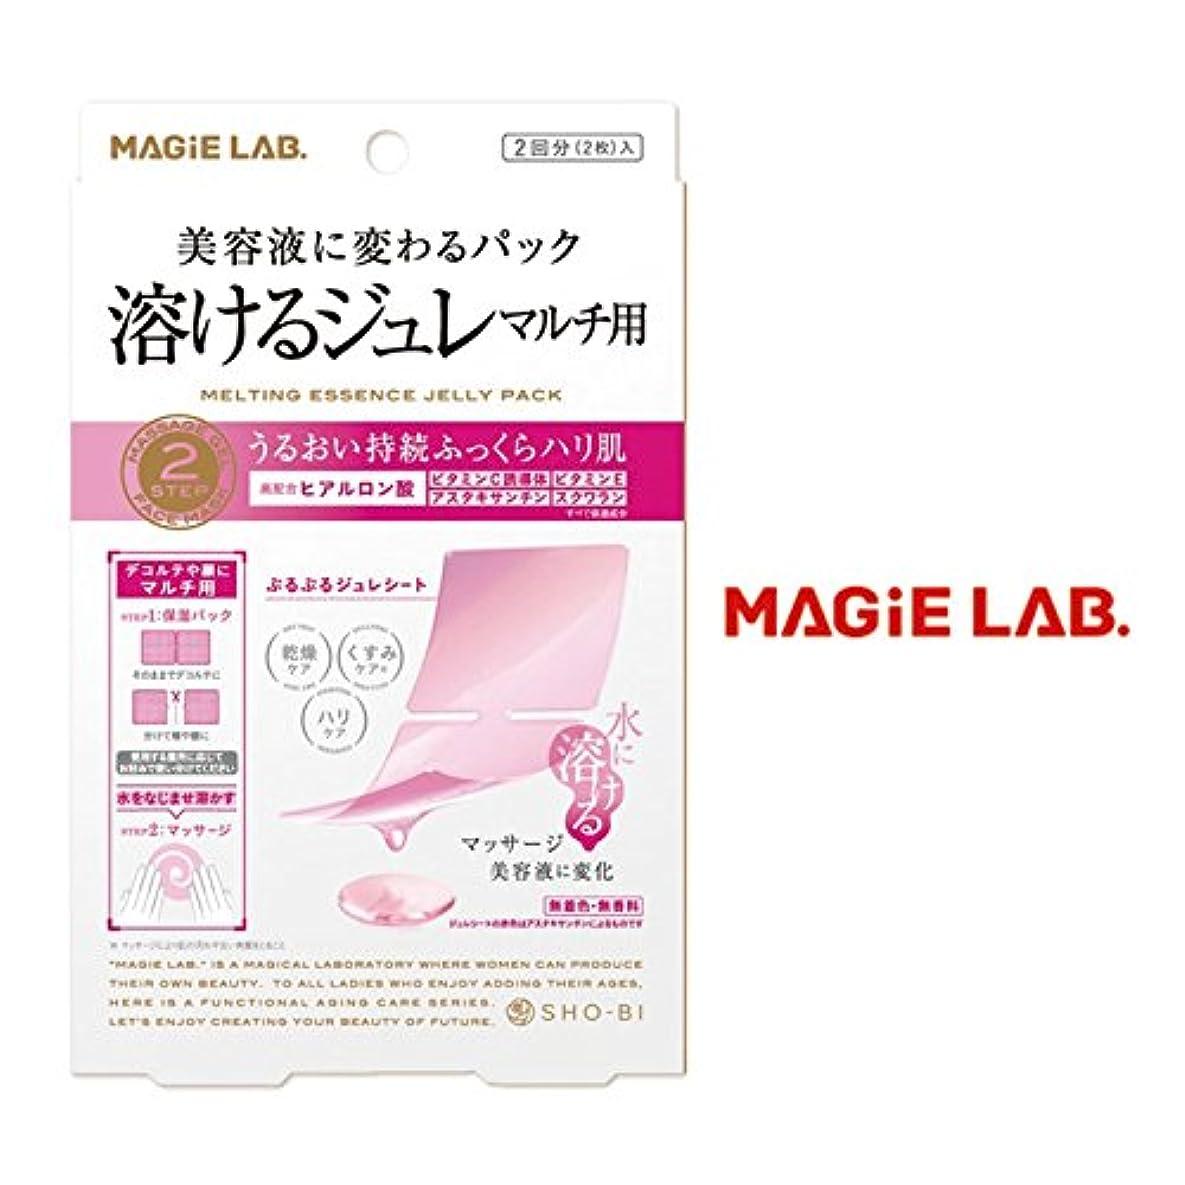 クラフト前提最悪MAGiE LAB.溶けるジュレ マルチ用2回分(2枚)入 MG22103